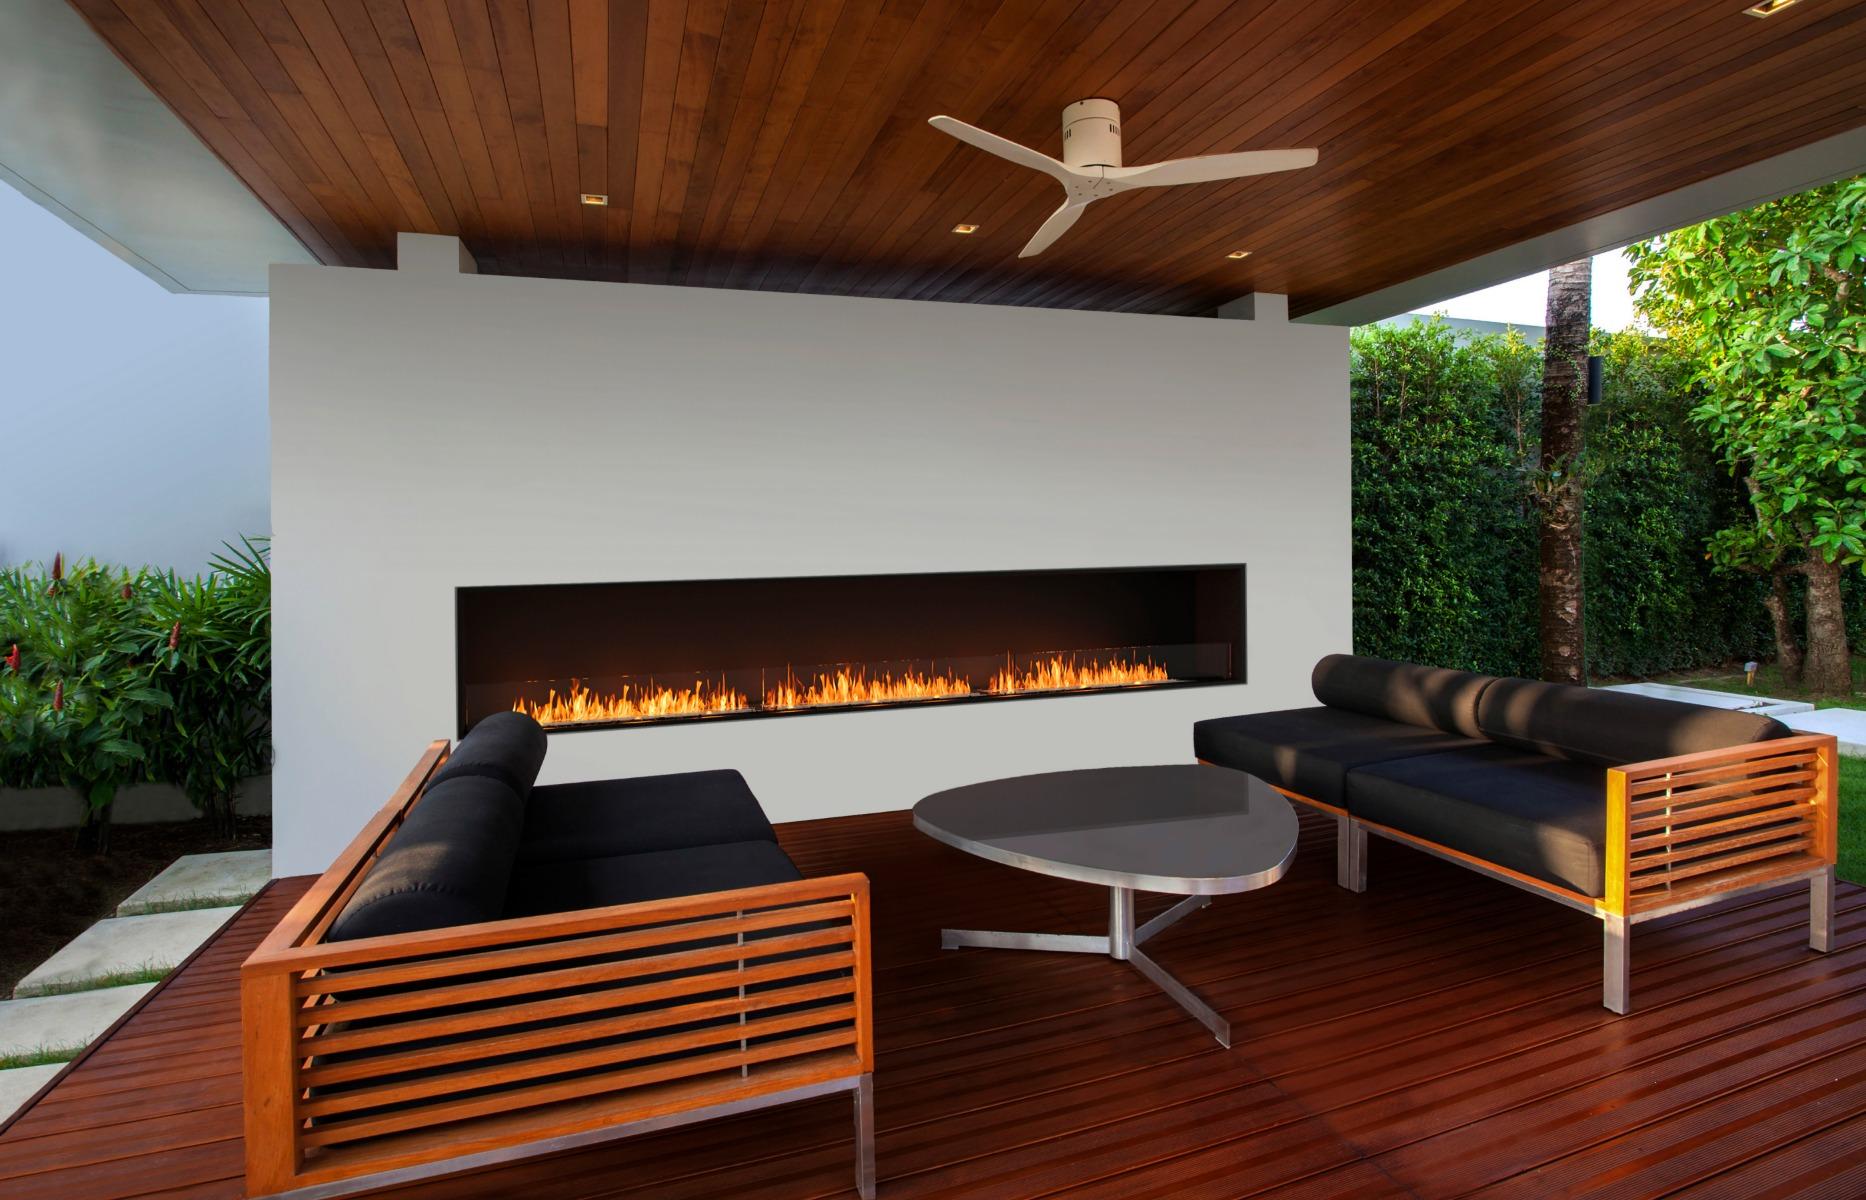 EcoSmart Fire Flex 158 Single Sided Fireplace Insert